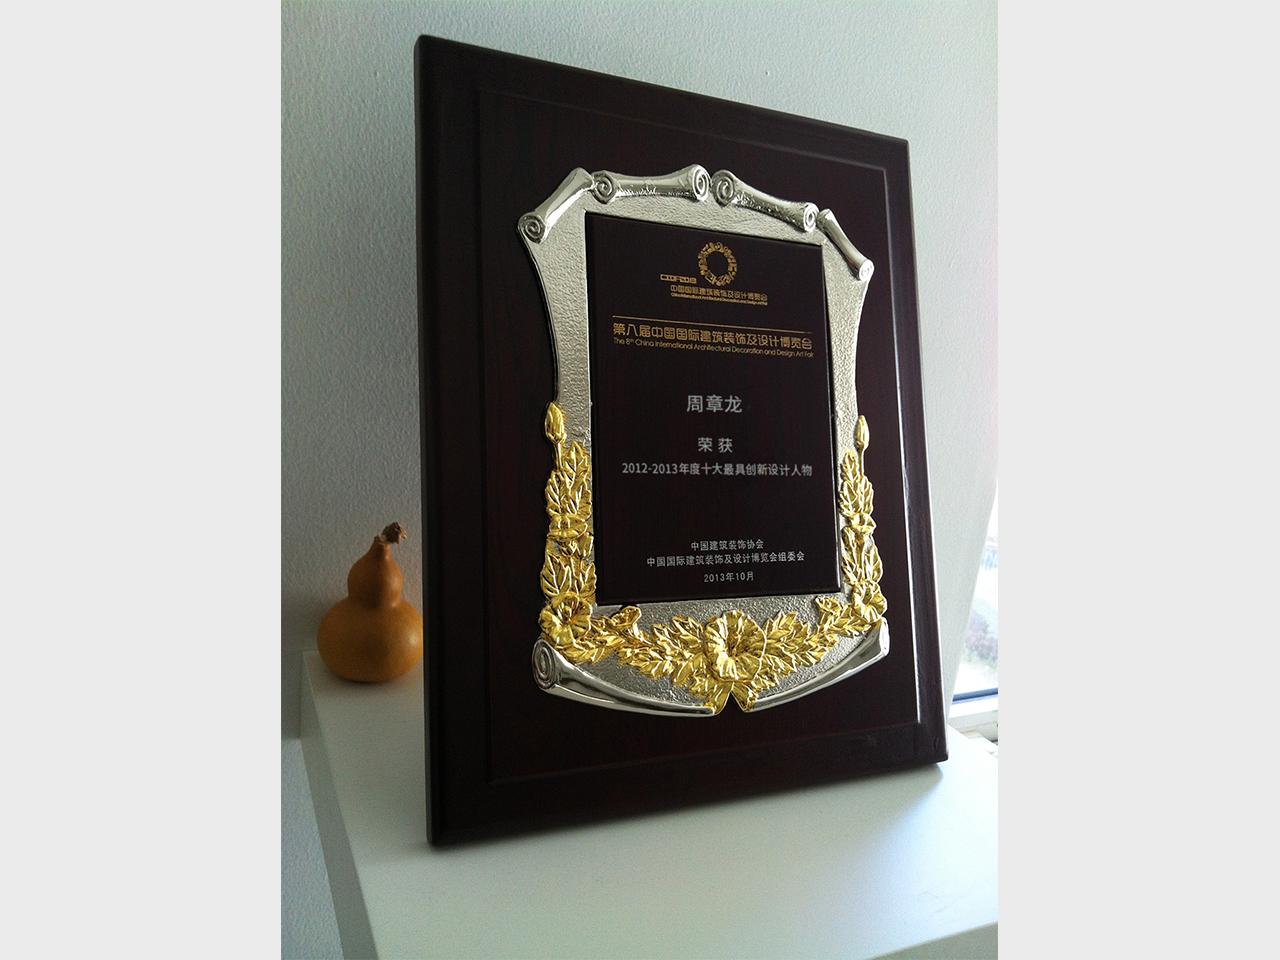 2013年度荣获中国国际建筑装饰及设计博览会十大最具创新设计人物